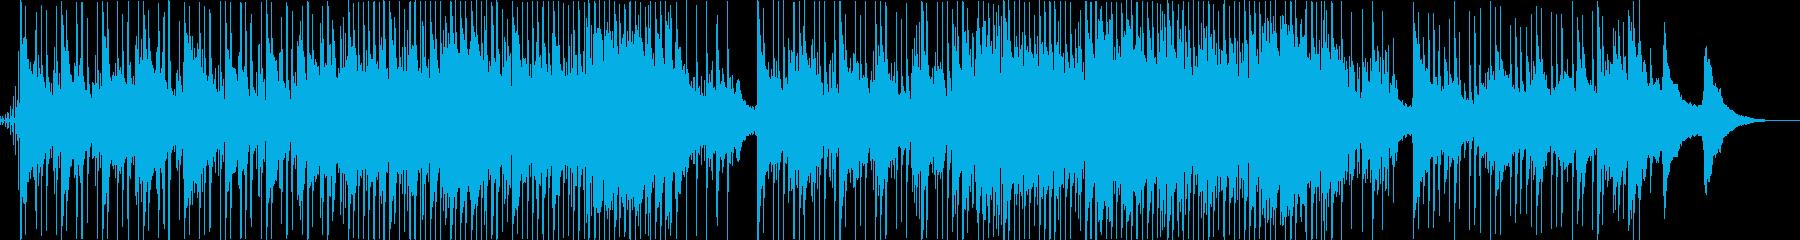 フォーク音響研究所さわやかで素朴な...の再生済みの波形